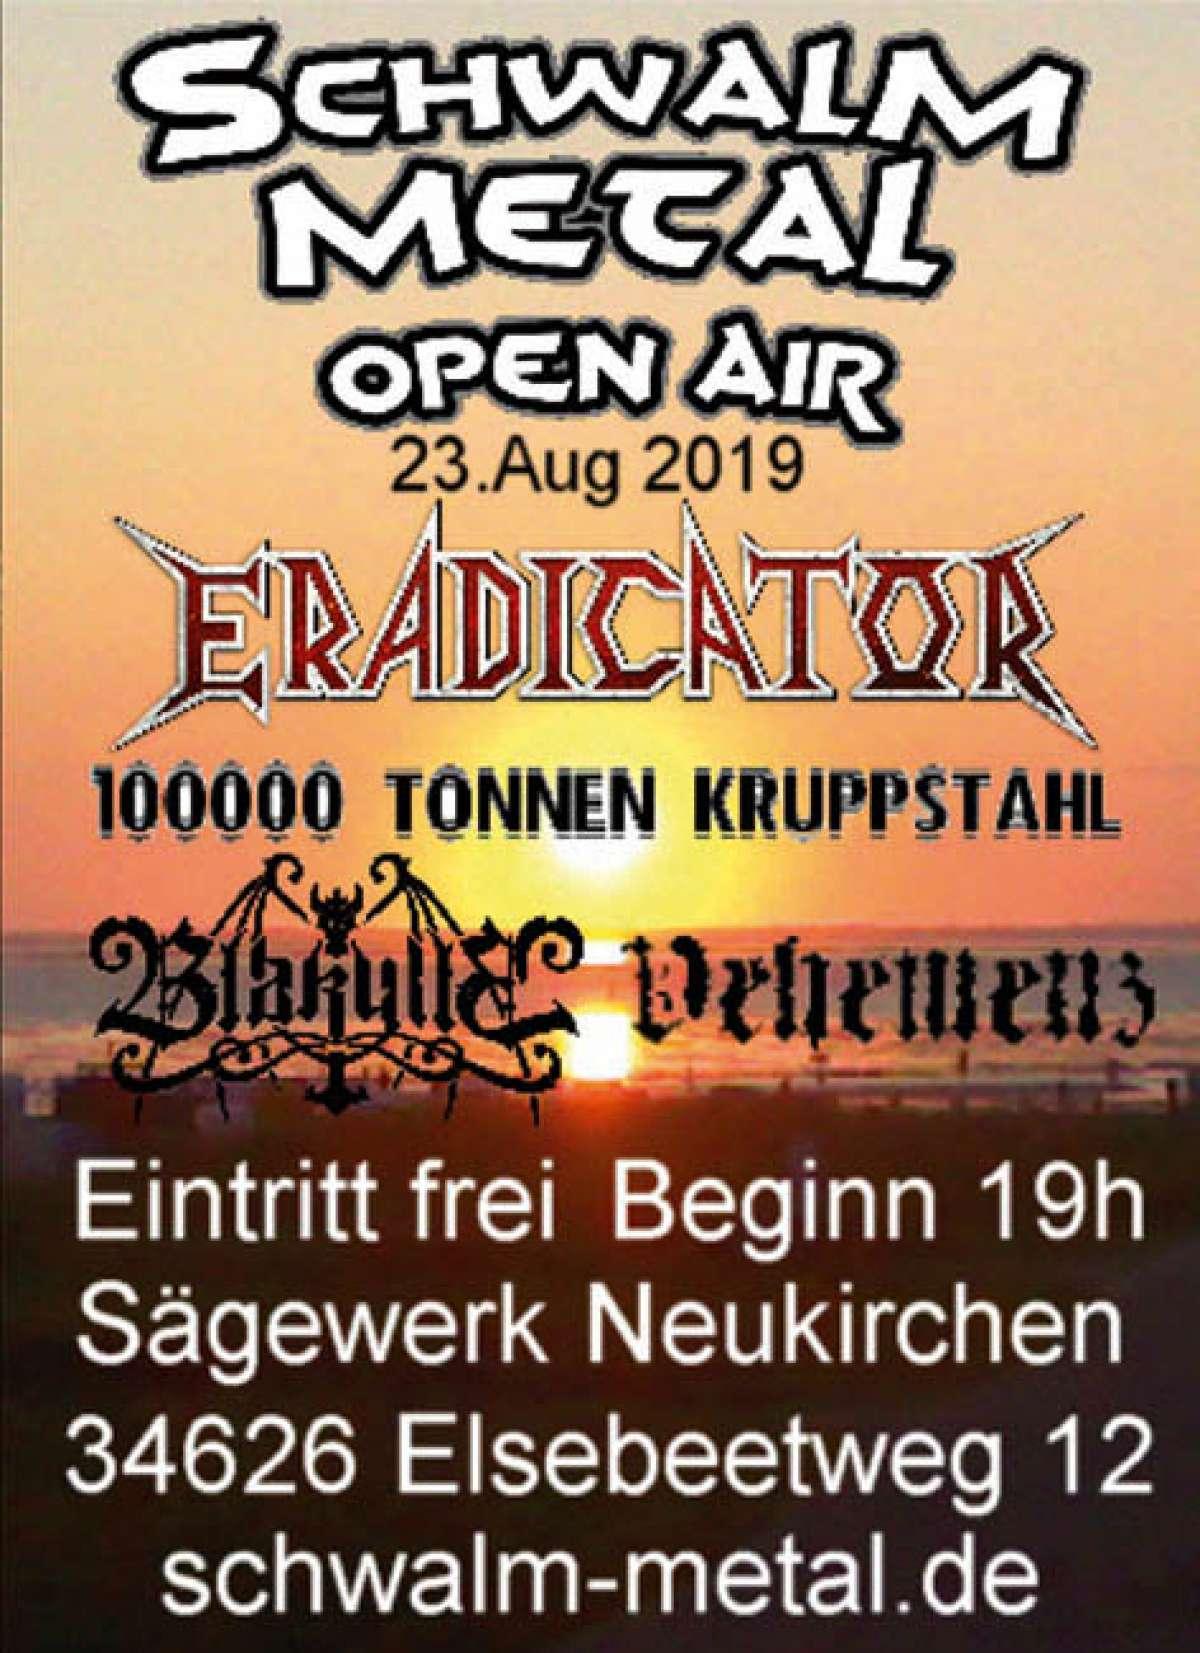 Veranstaltungen & Events im »August 2019« in deiner Nähe...